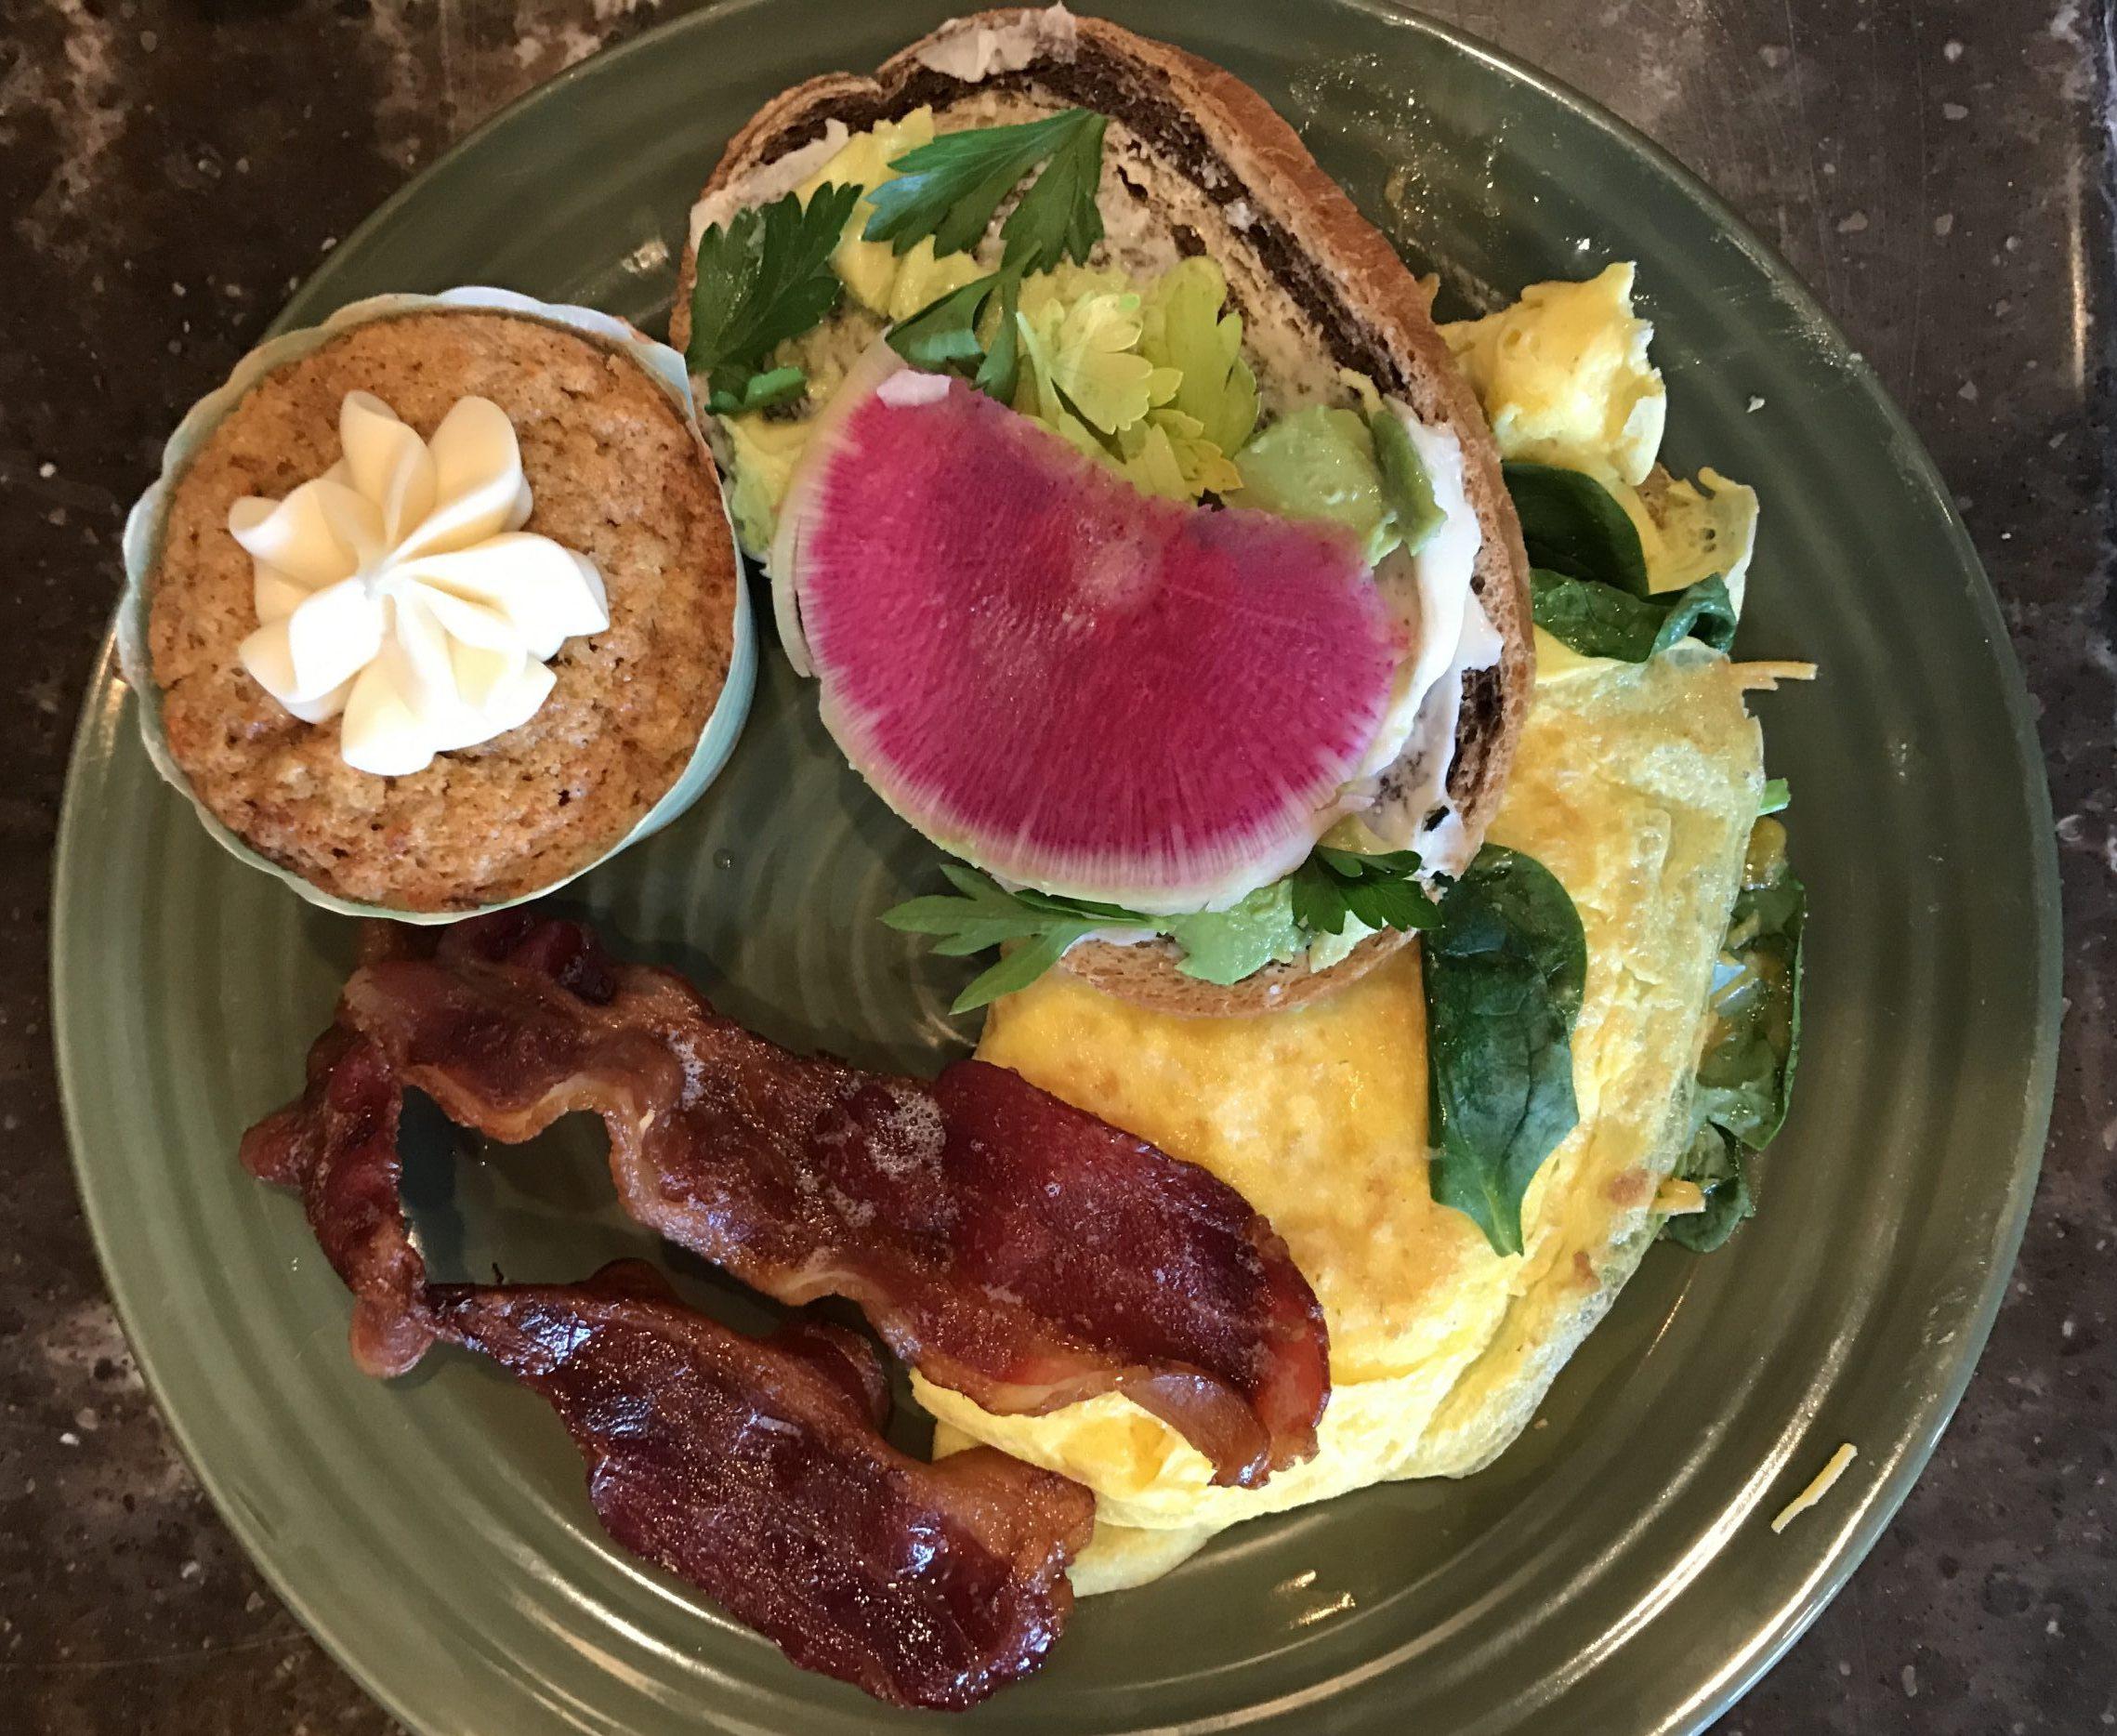 Gourmet Breakfast Plate